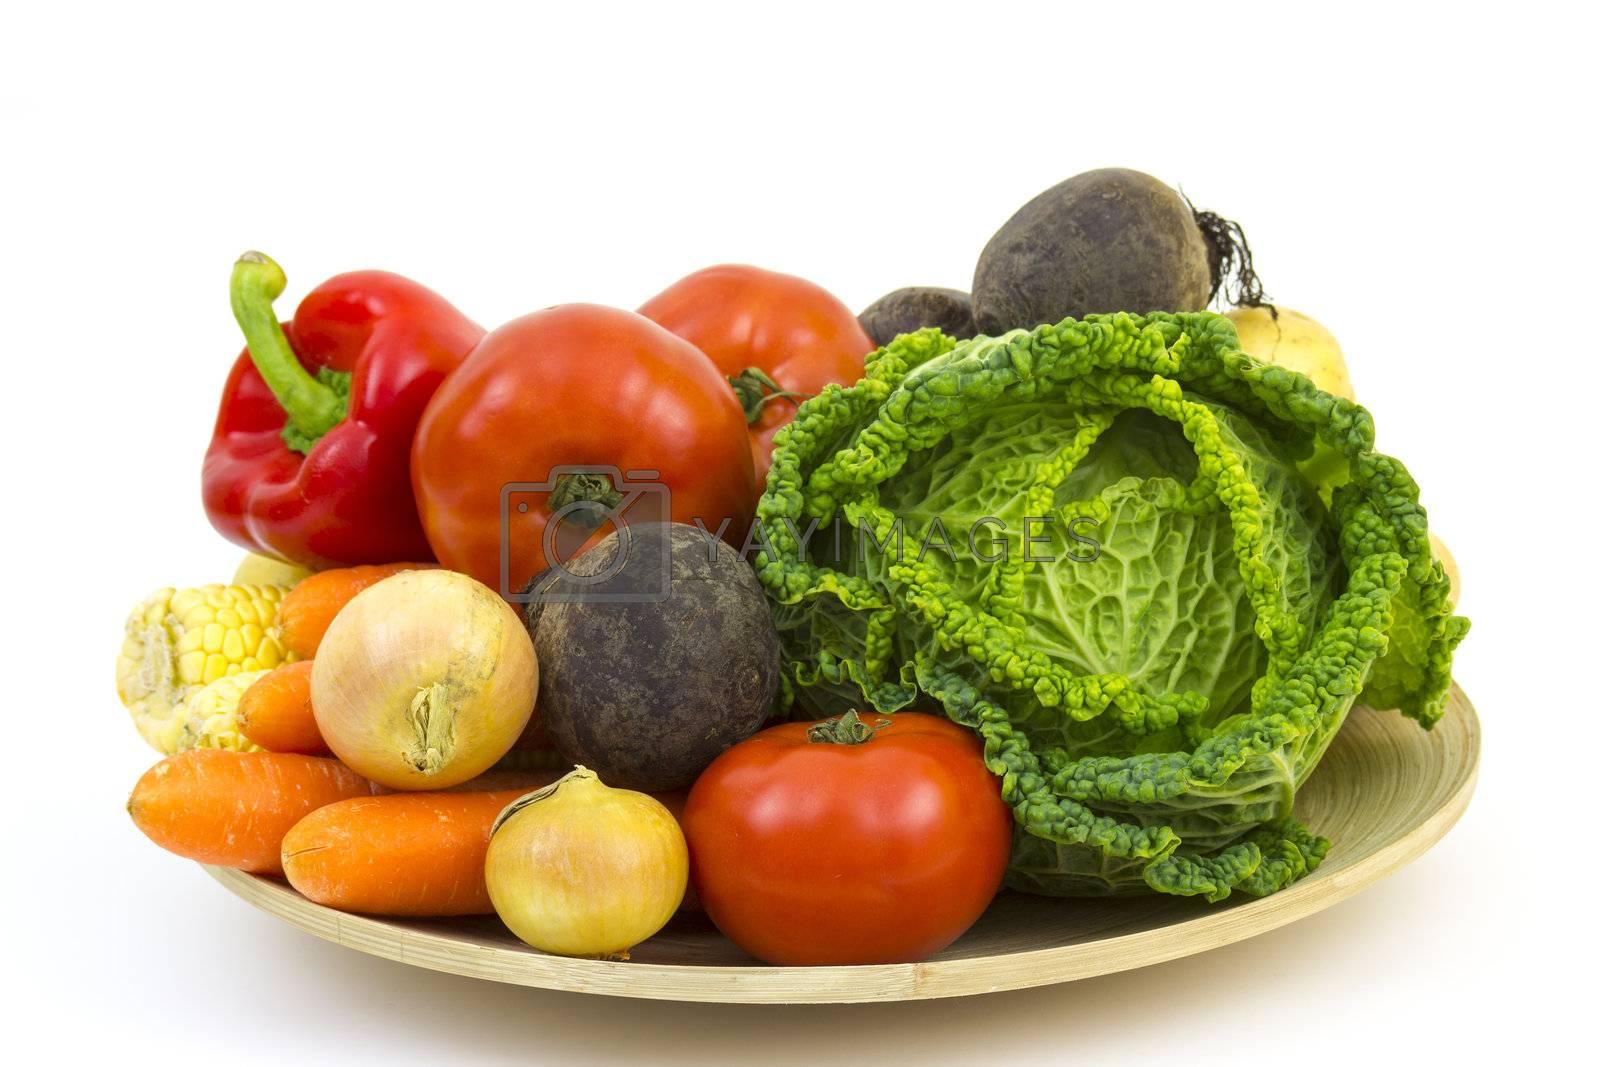 fresh vegetables by miradrozdowski